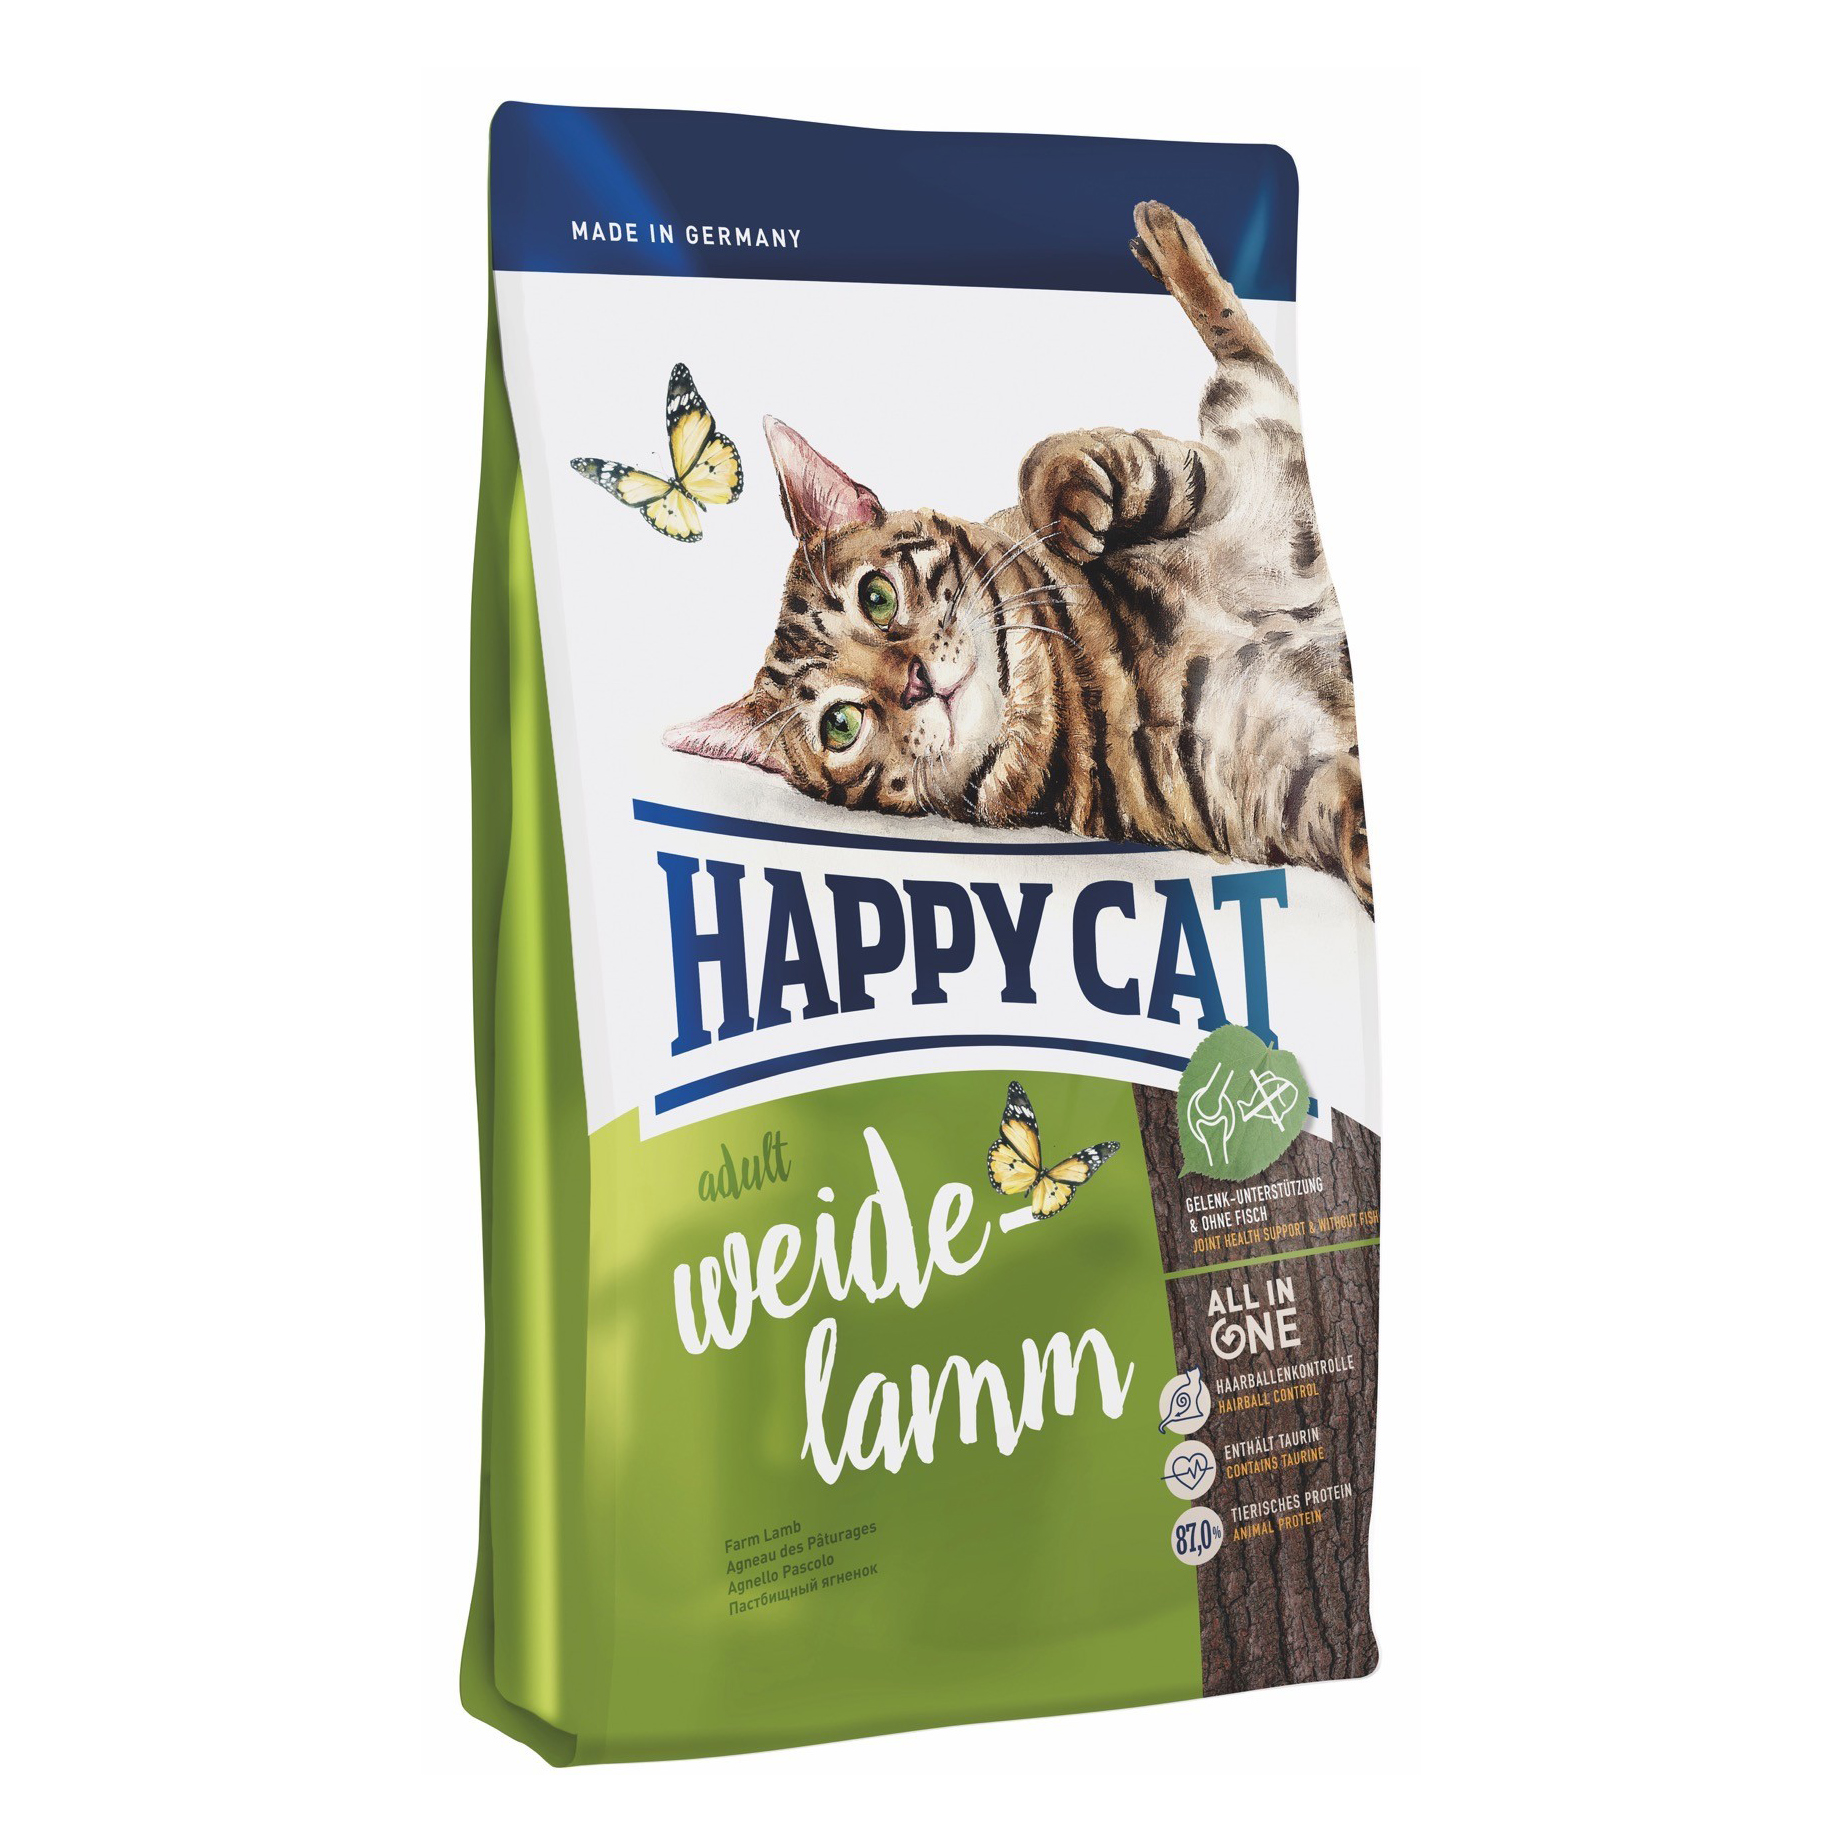 b7cc9d254d4e Happy Cat Adult Αρνί 300gr Ξηρά Τροφή Γάτας